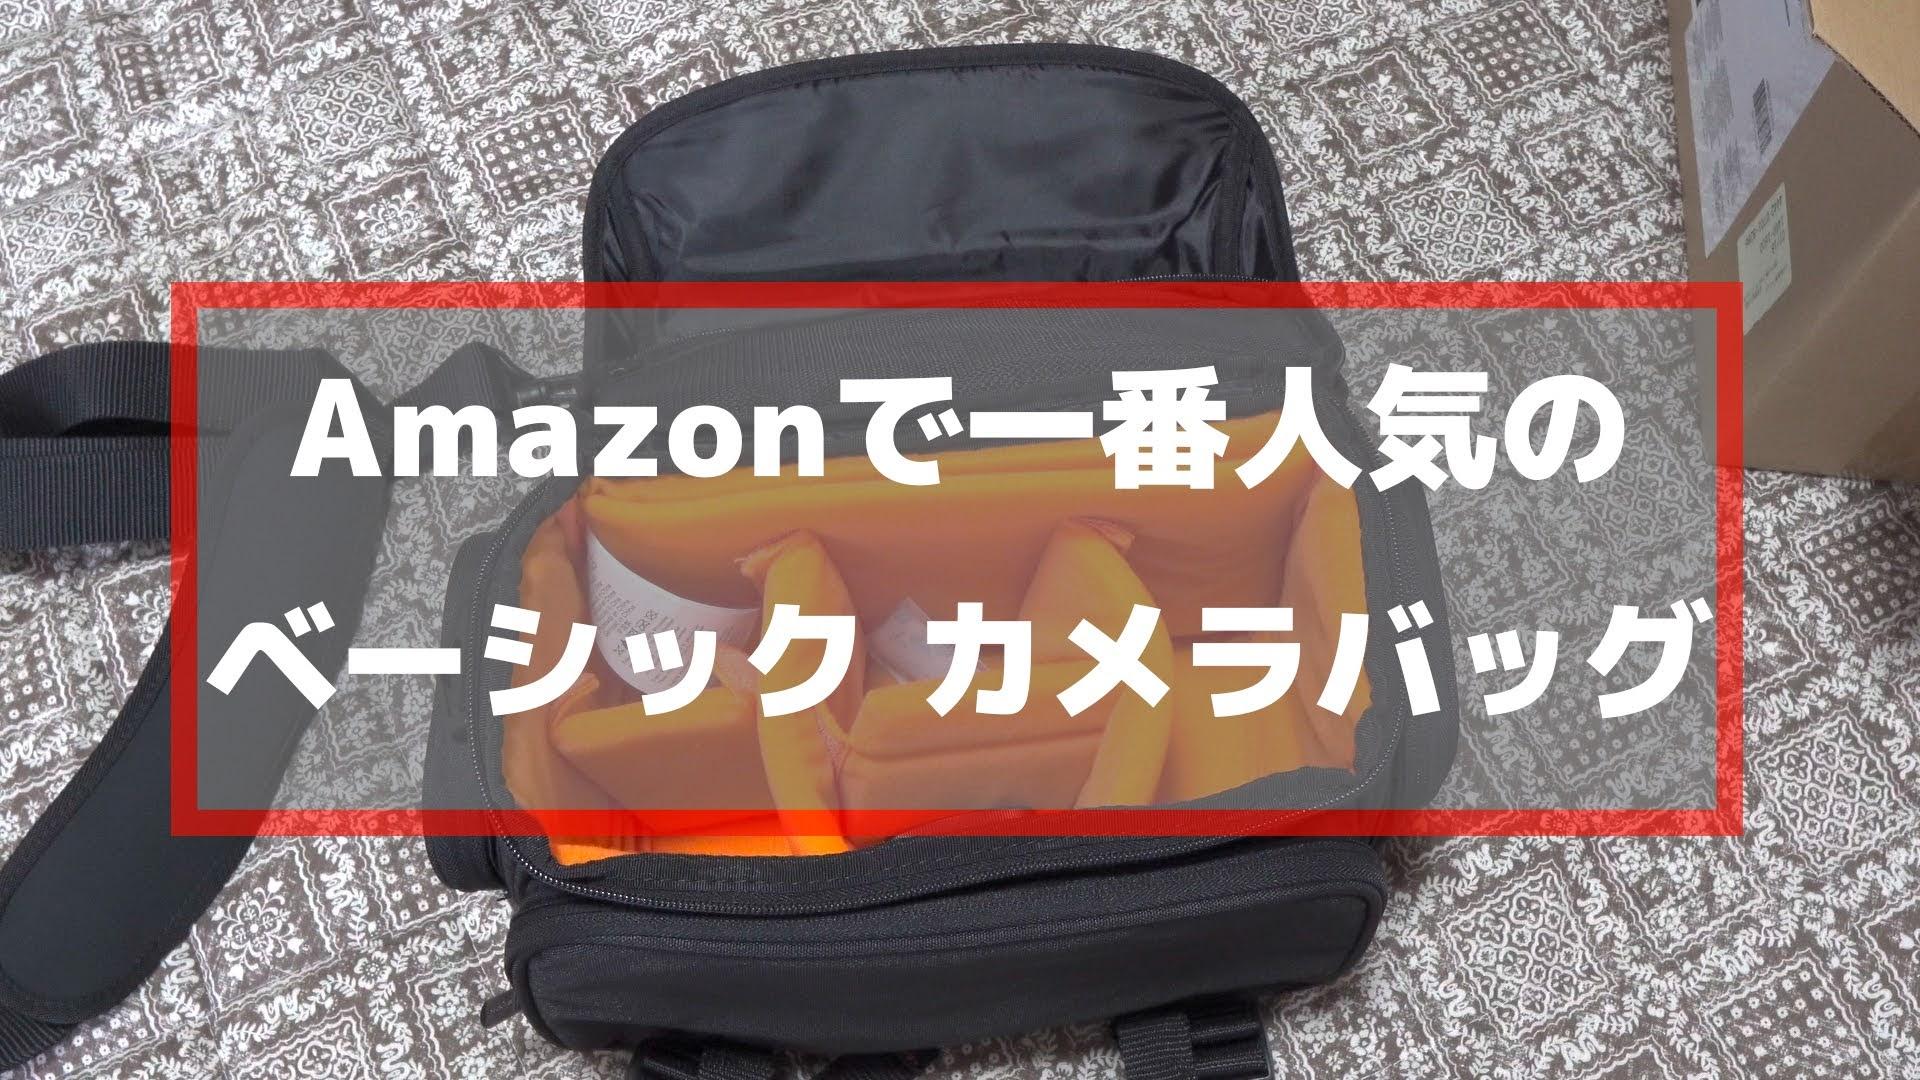 Amazonで一番人気のベーシック カメラバッグ 一眼レフ用 Lサイズ ブラック (内装色オレンジ)を買ってみました。